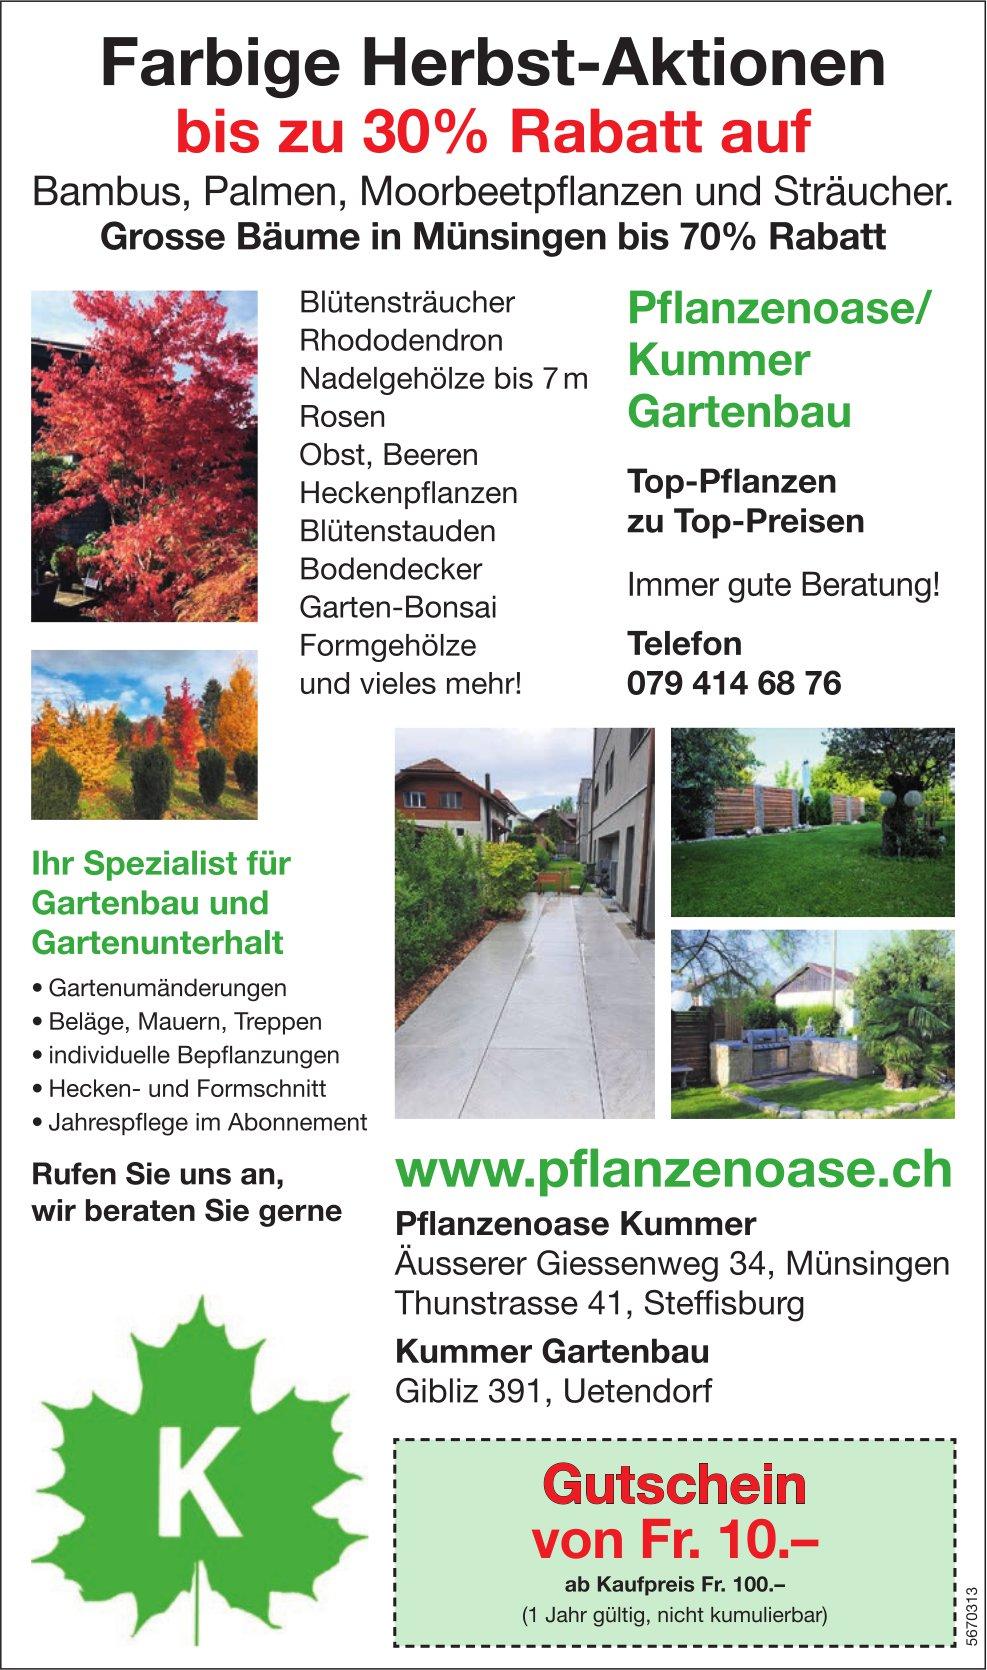 Pflanzenoase Kummer, Münsingen, Steffisburg & Uetendorf - Farbige Herbst-Aktionen bis zu 30% Rabatt...